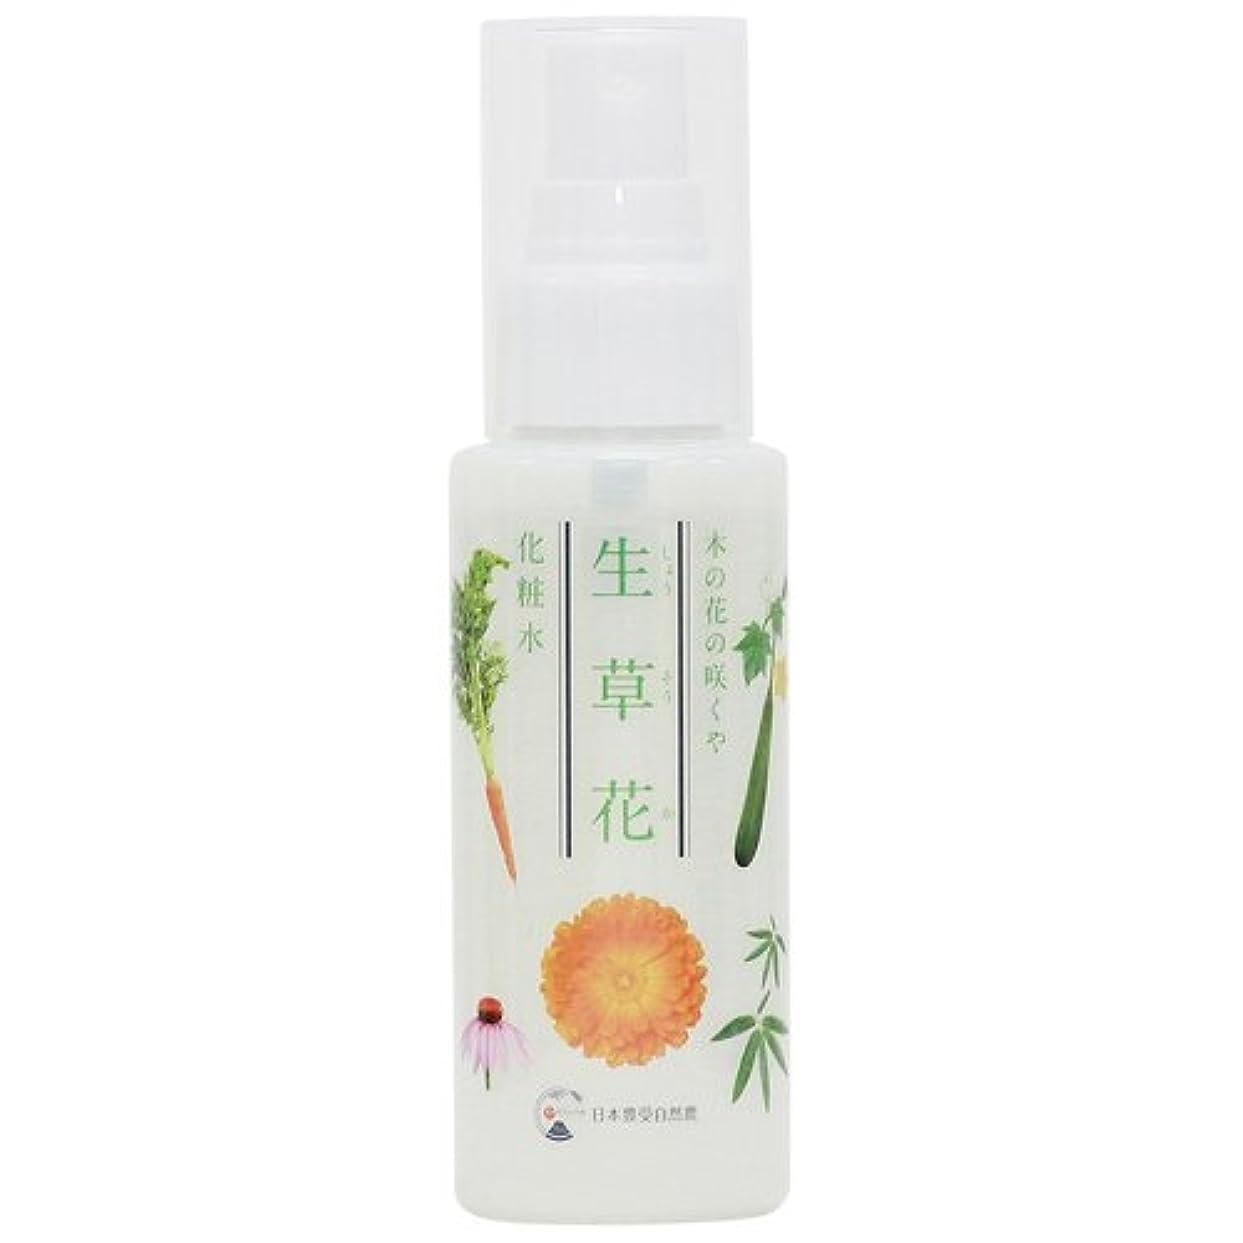 上にナース収束する日本豊受自然農 木の花の咲くや 生草花 化粧水 80ml